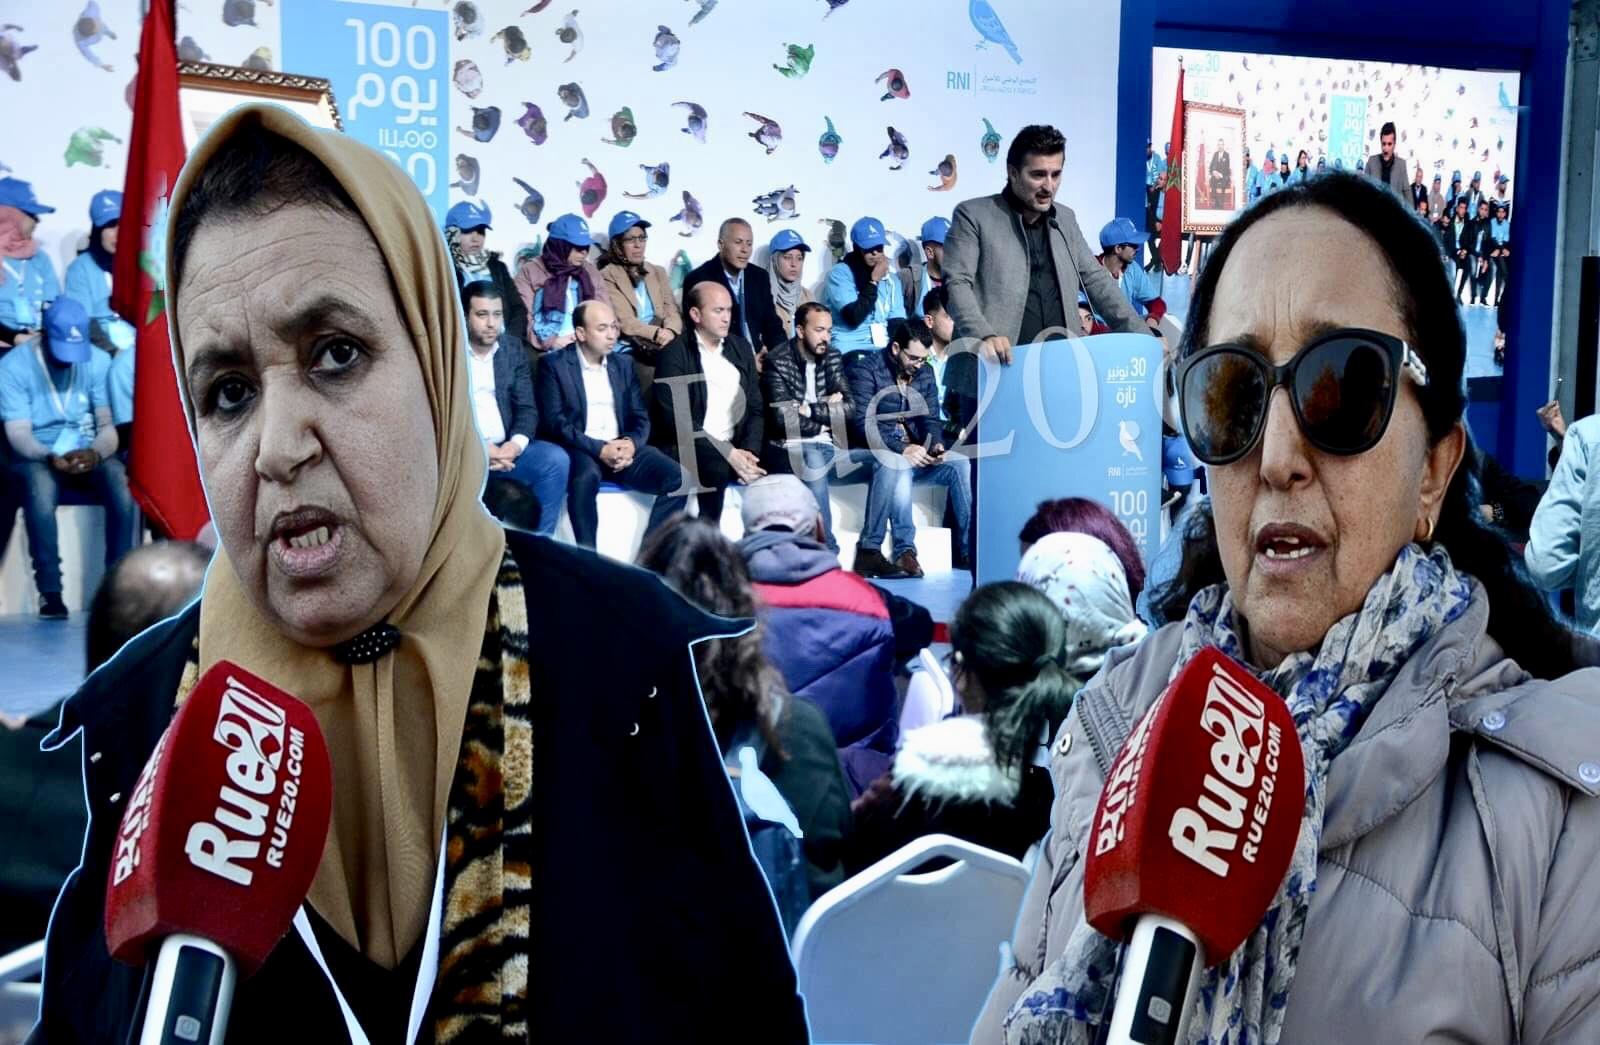 فيديو/نساء تازة: بزيارة قيادات الأحرار حسينا بلي كاين شي حد كيهتم بنا وبمدينتنا